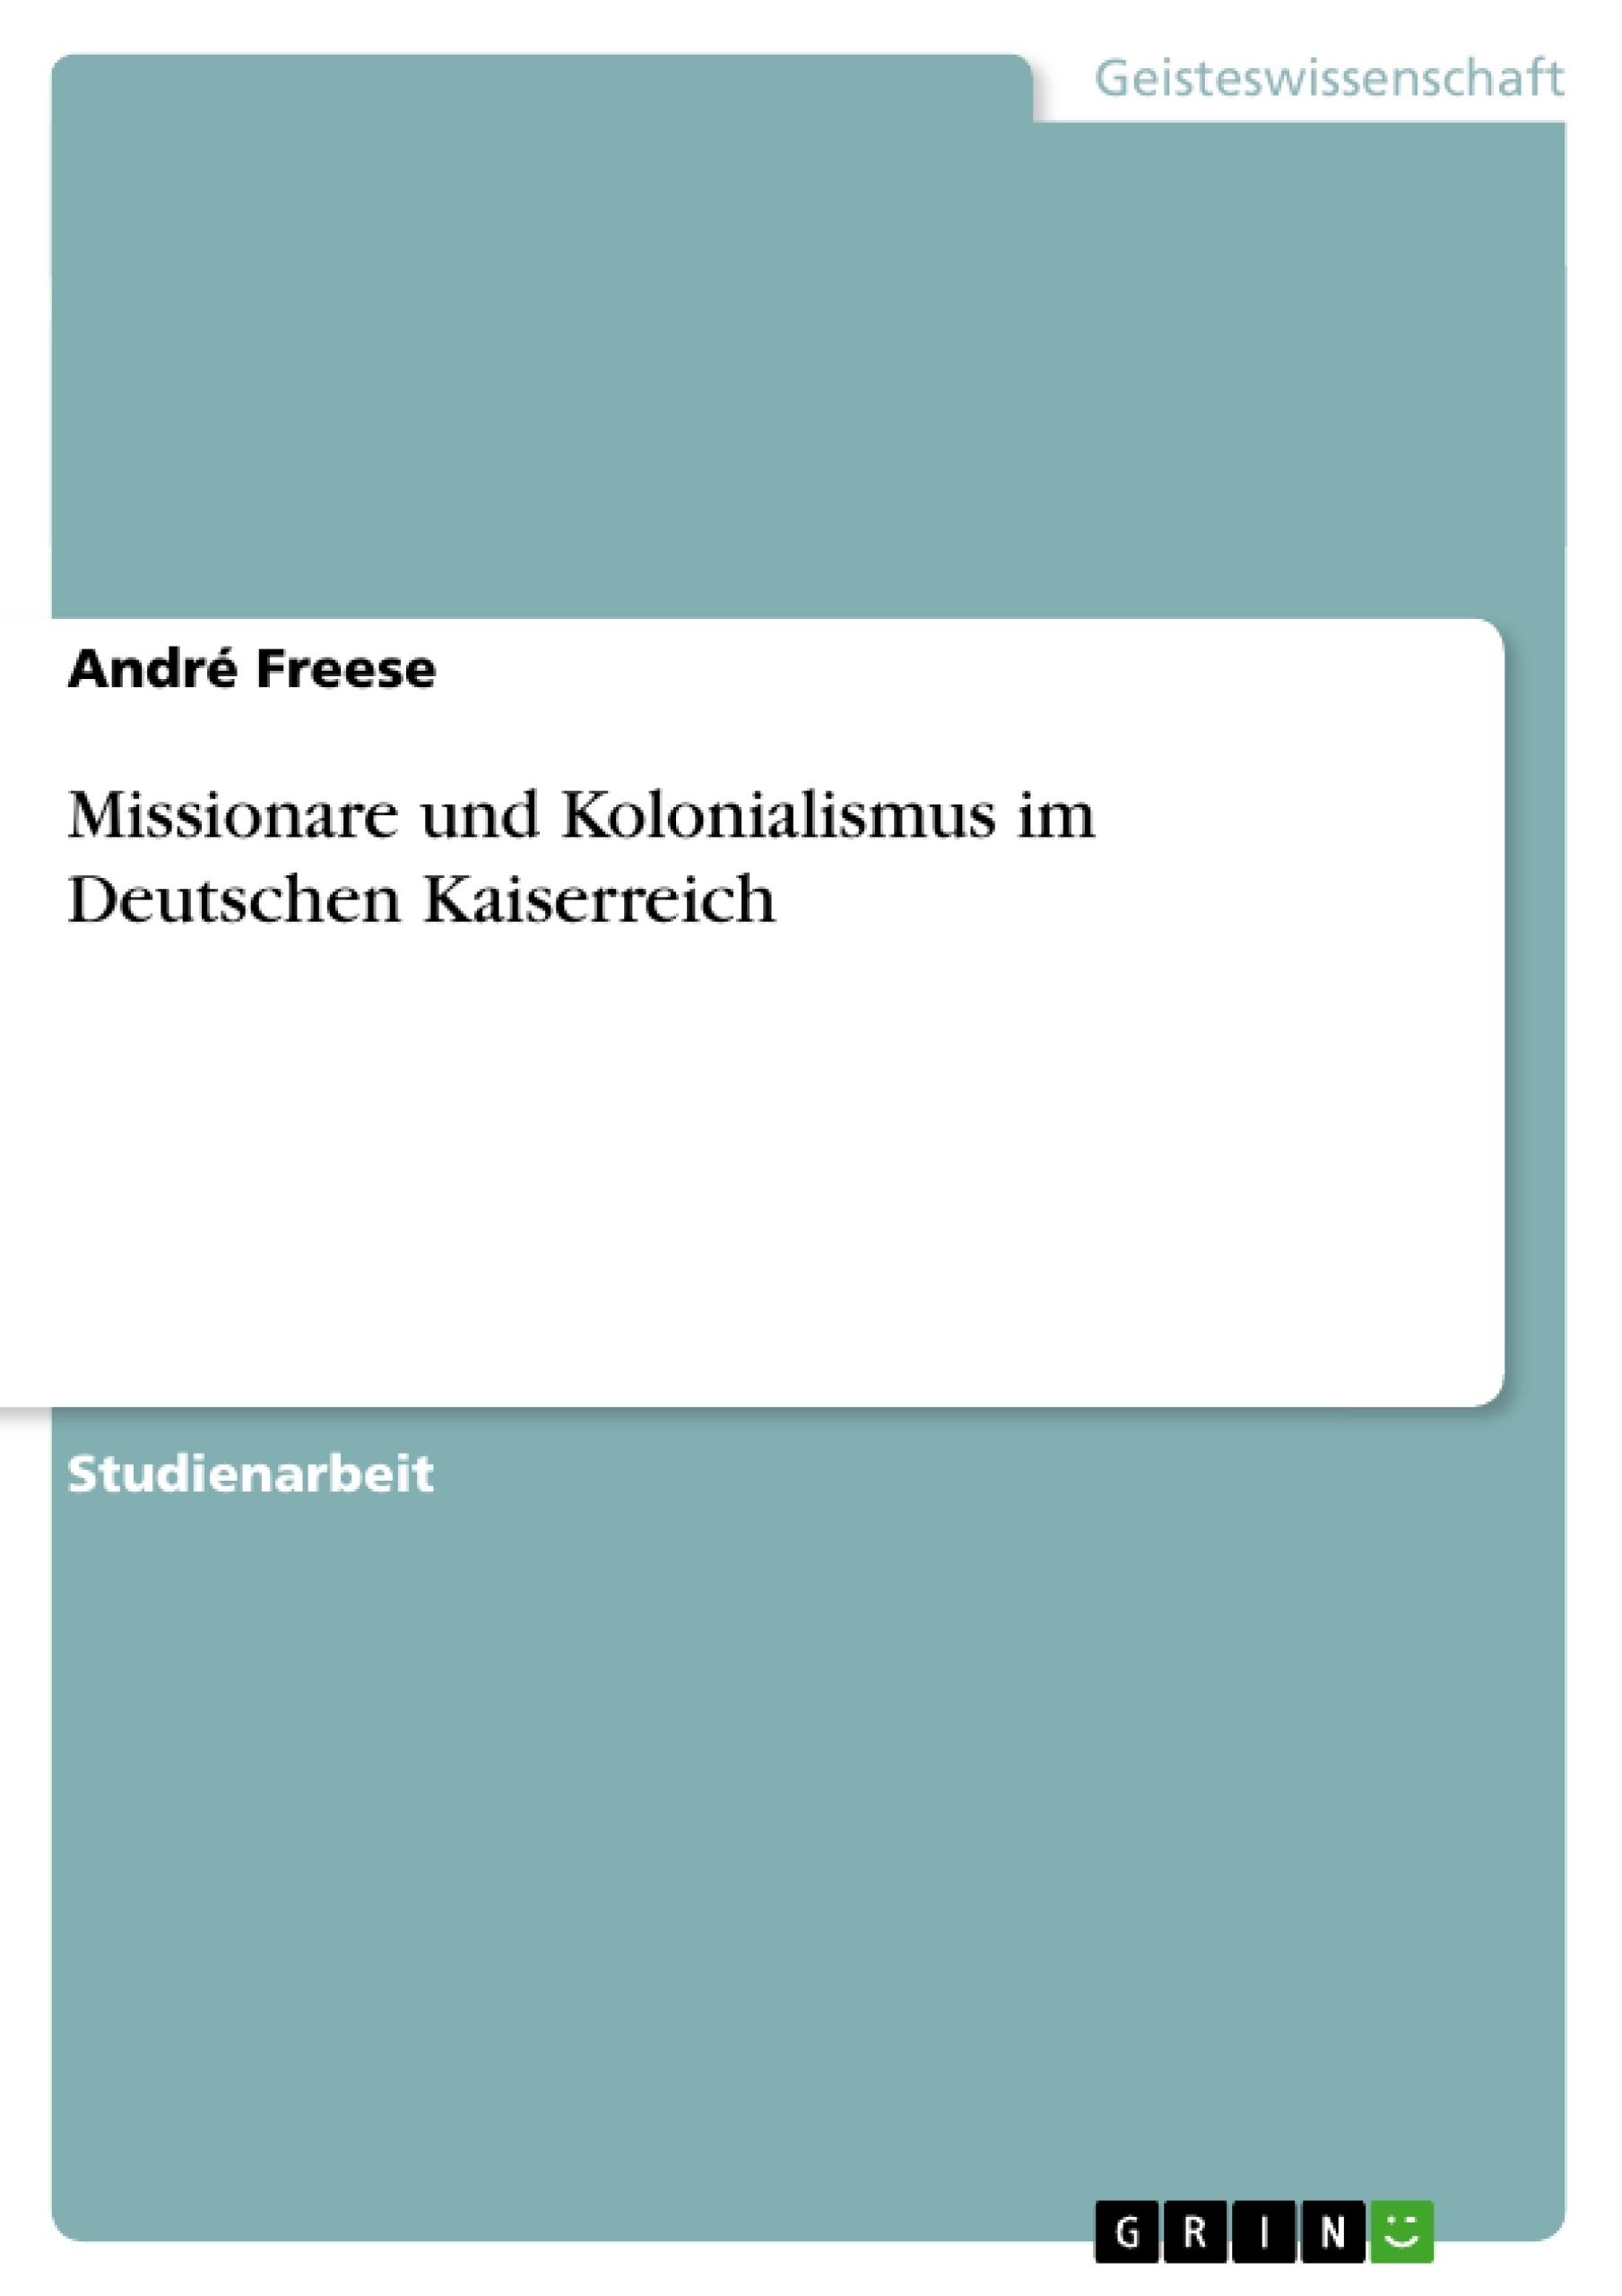 Titel: Missionare und Kolonialismus im Deutschen Kaiserreich